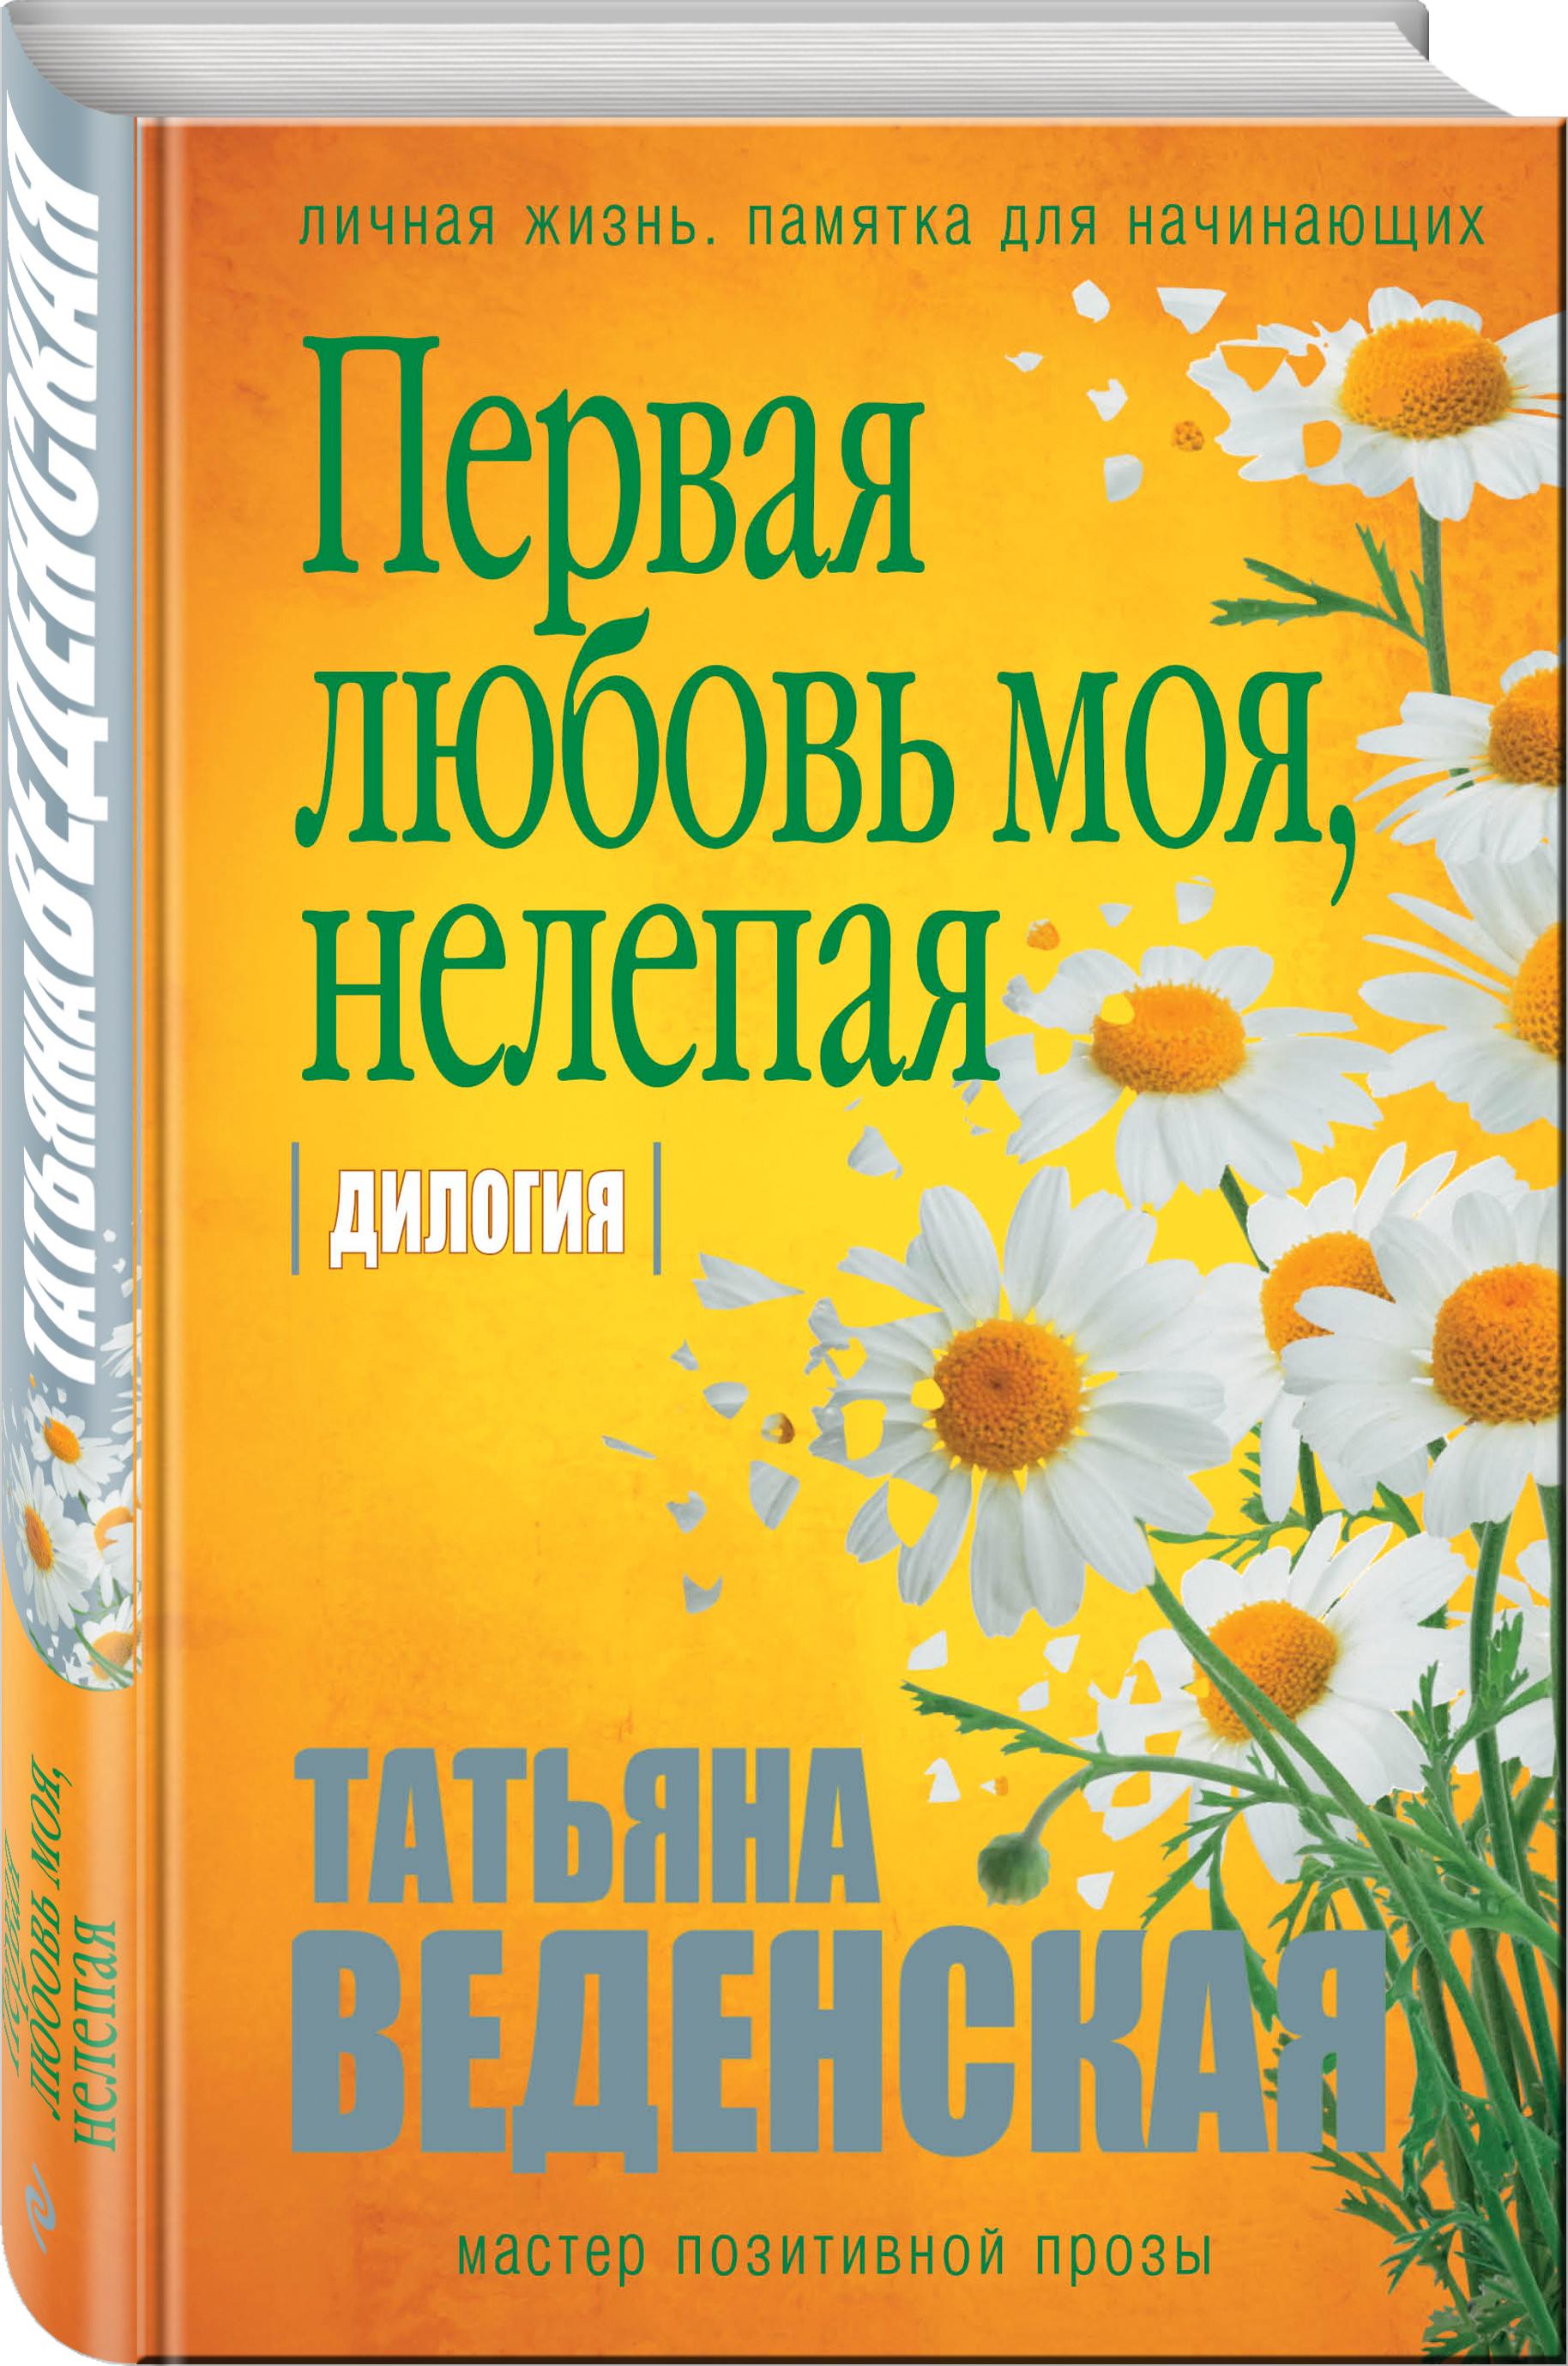 Веденская Т. Первая любовь моя, нелепая ISBN: 978-5-04-089512-0